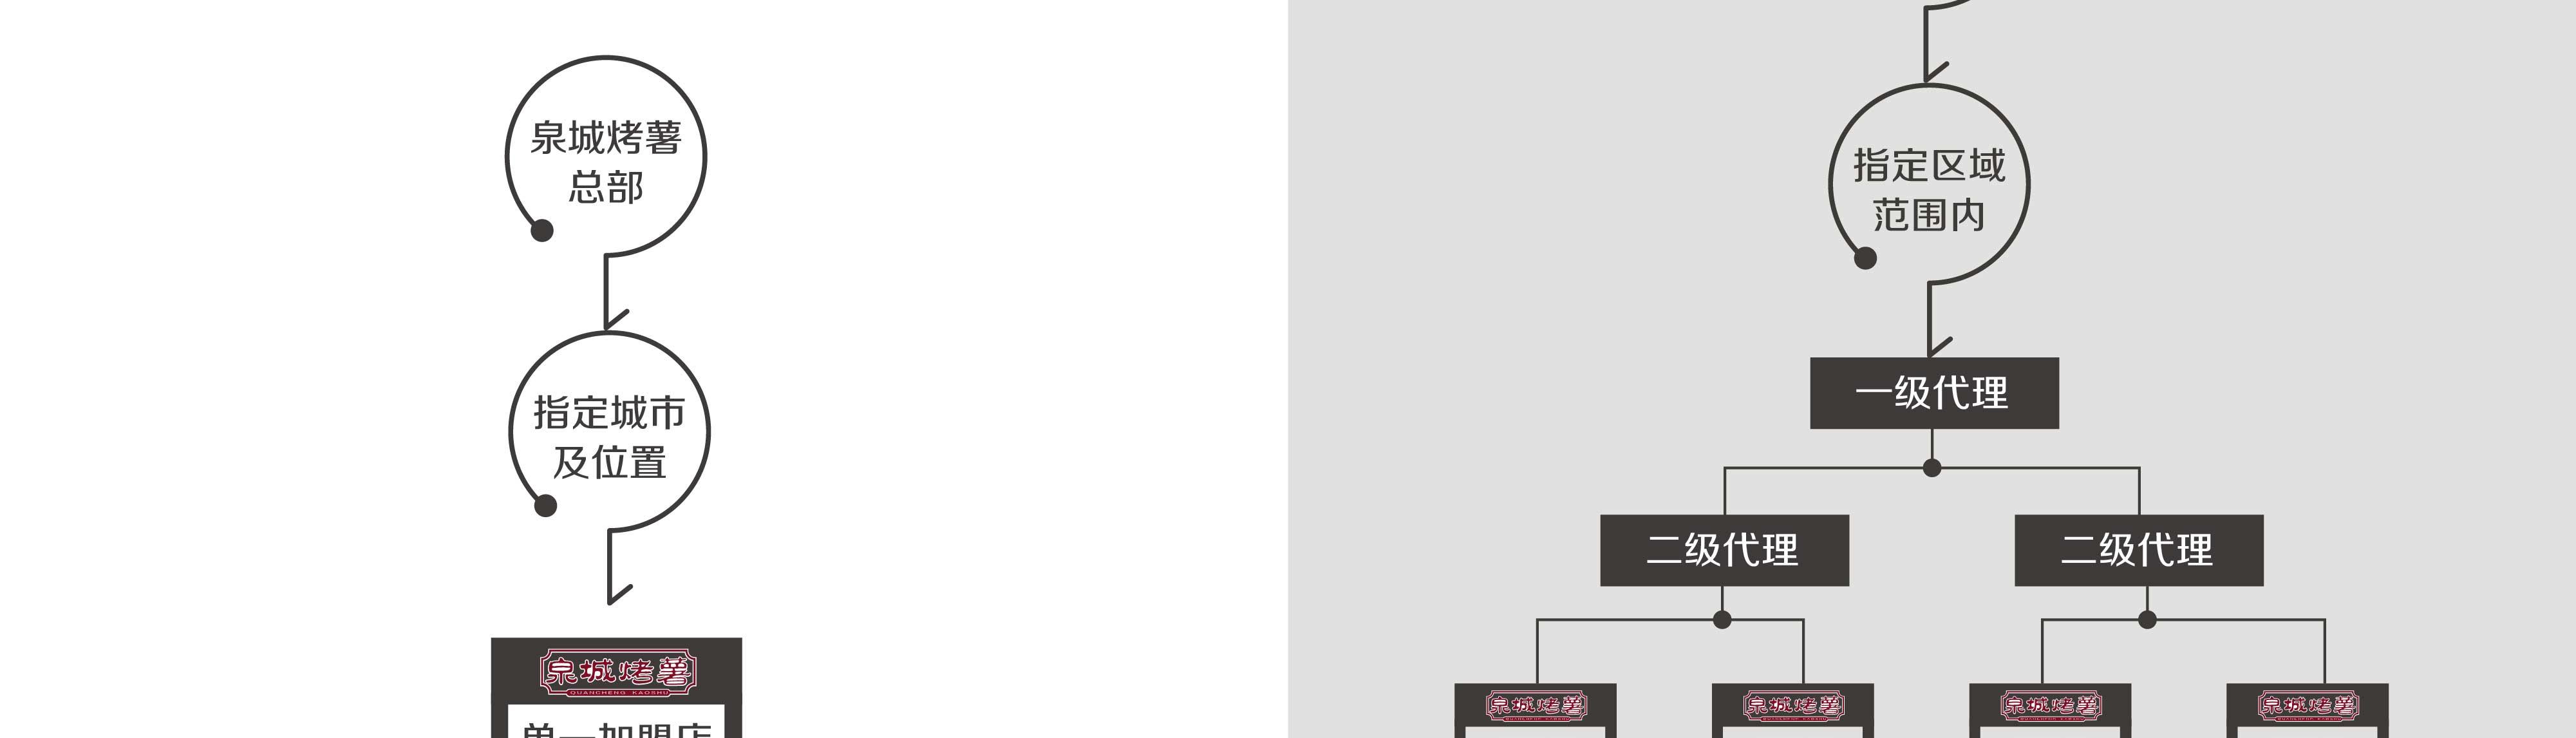 合作模式_02.jpg